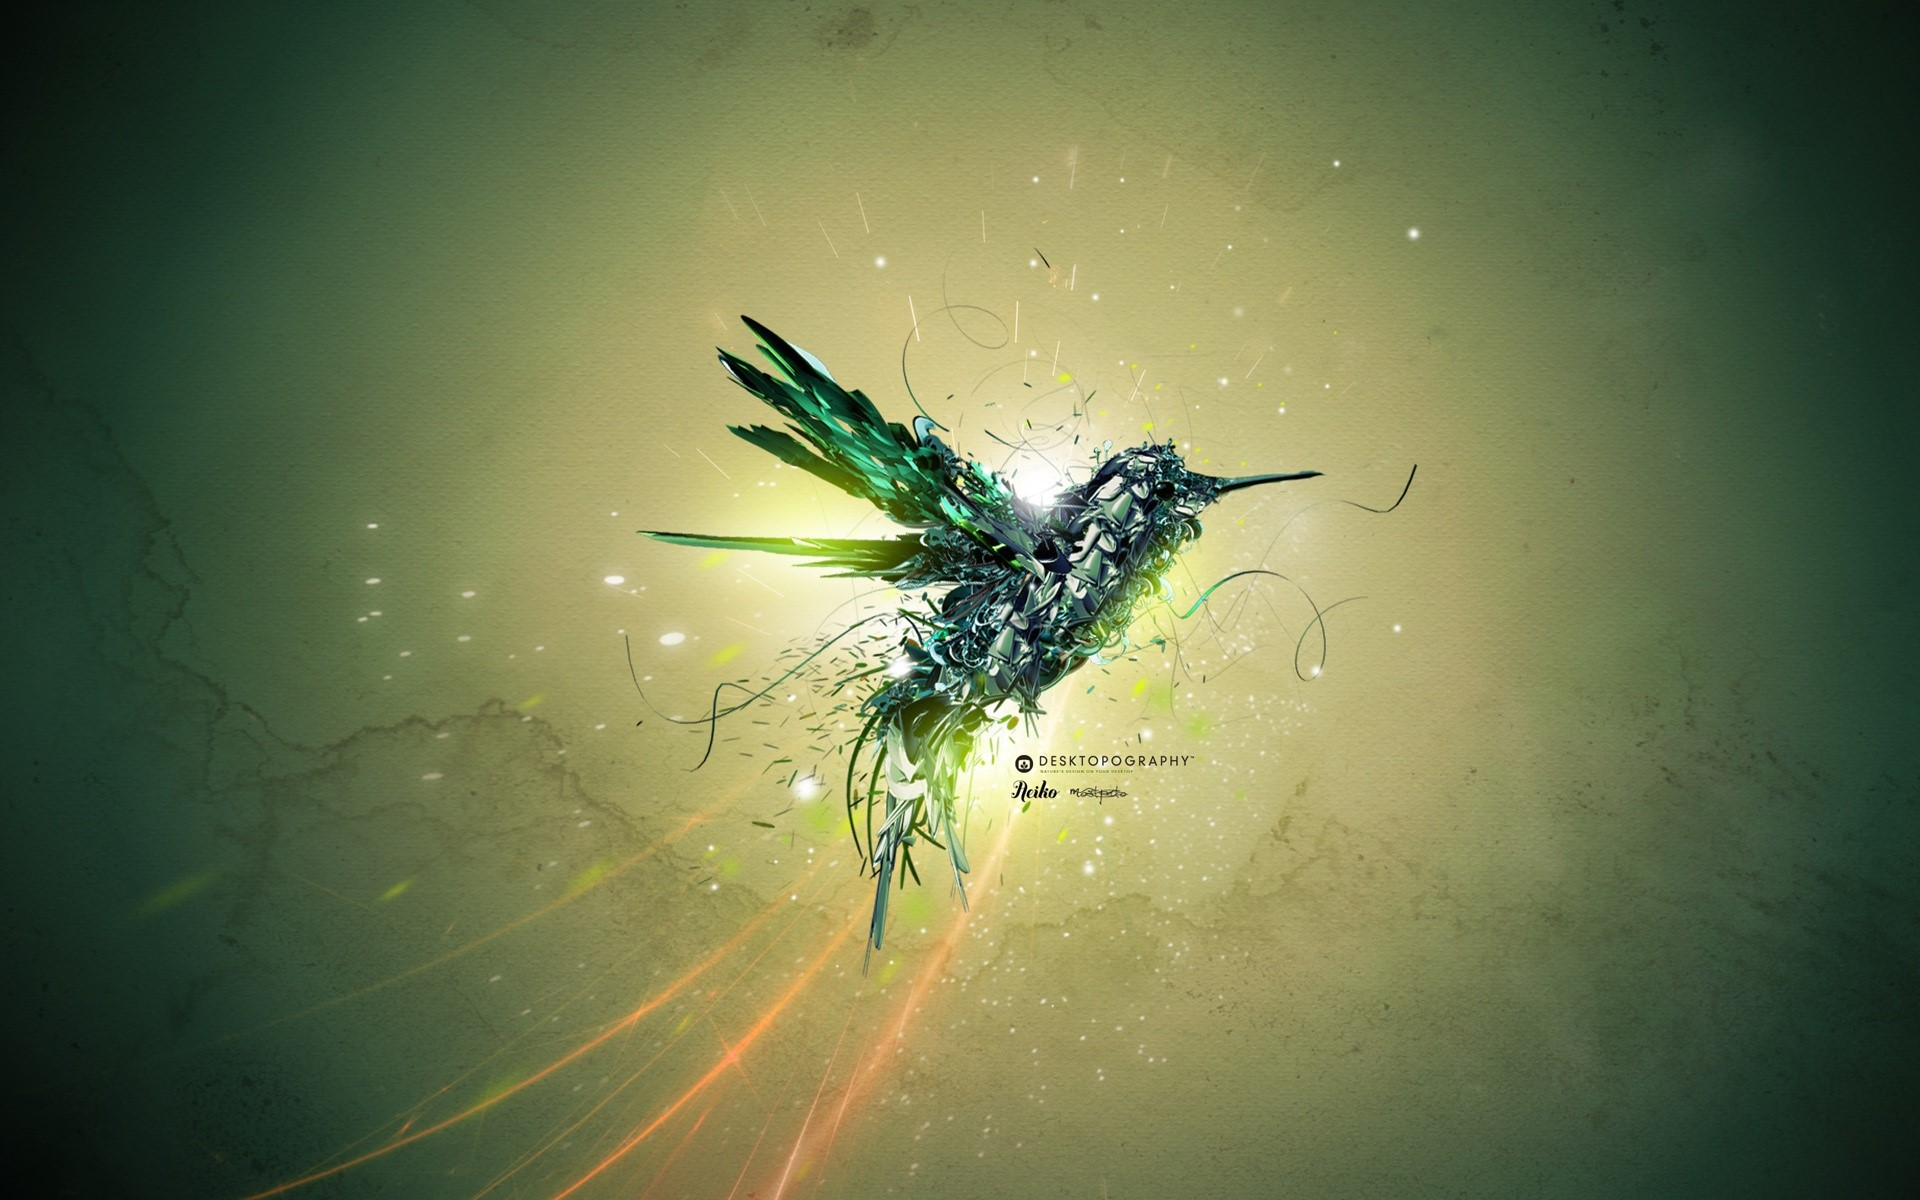 Fondos de pantalla Un ave verde en vuelo